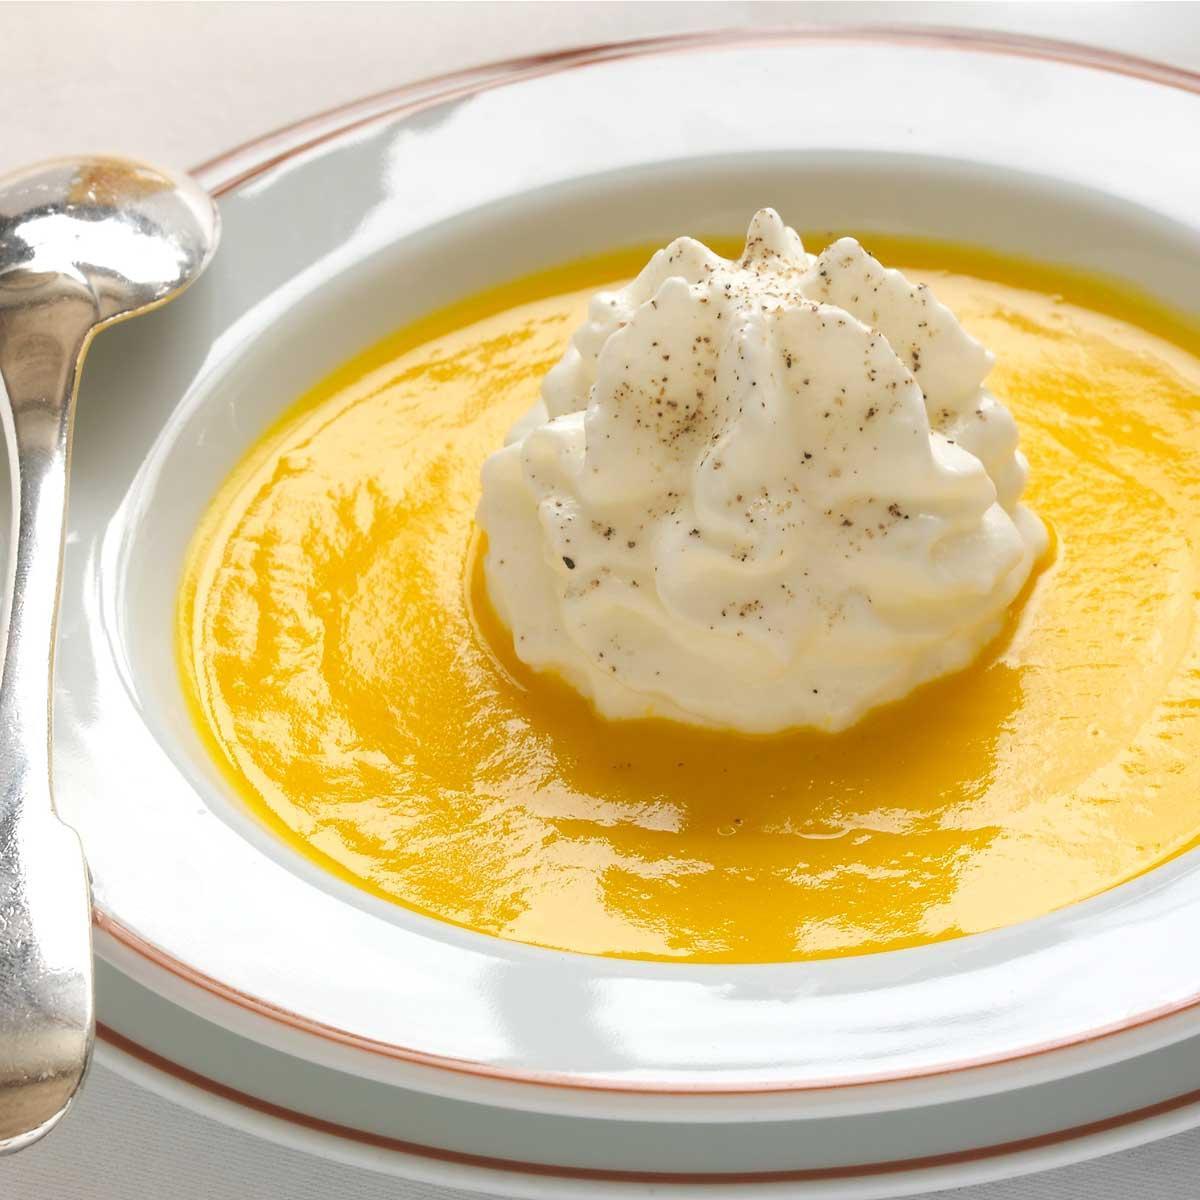 Recette velout de potiron et lait souffl au carr frais - Entree simple et raffinee ...